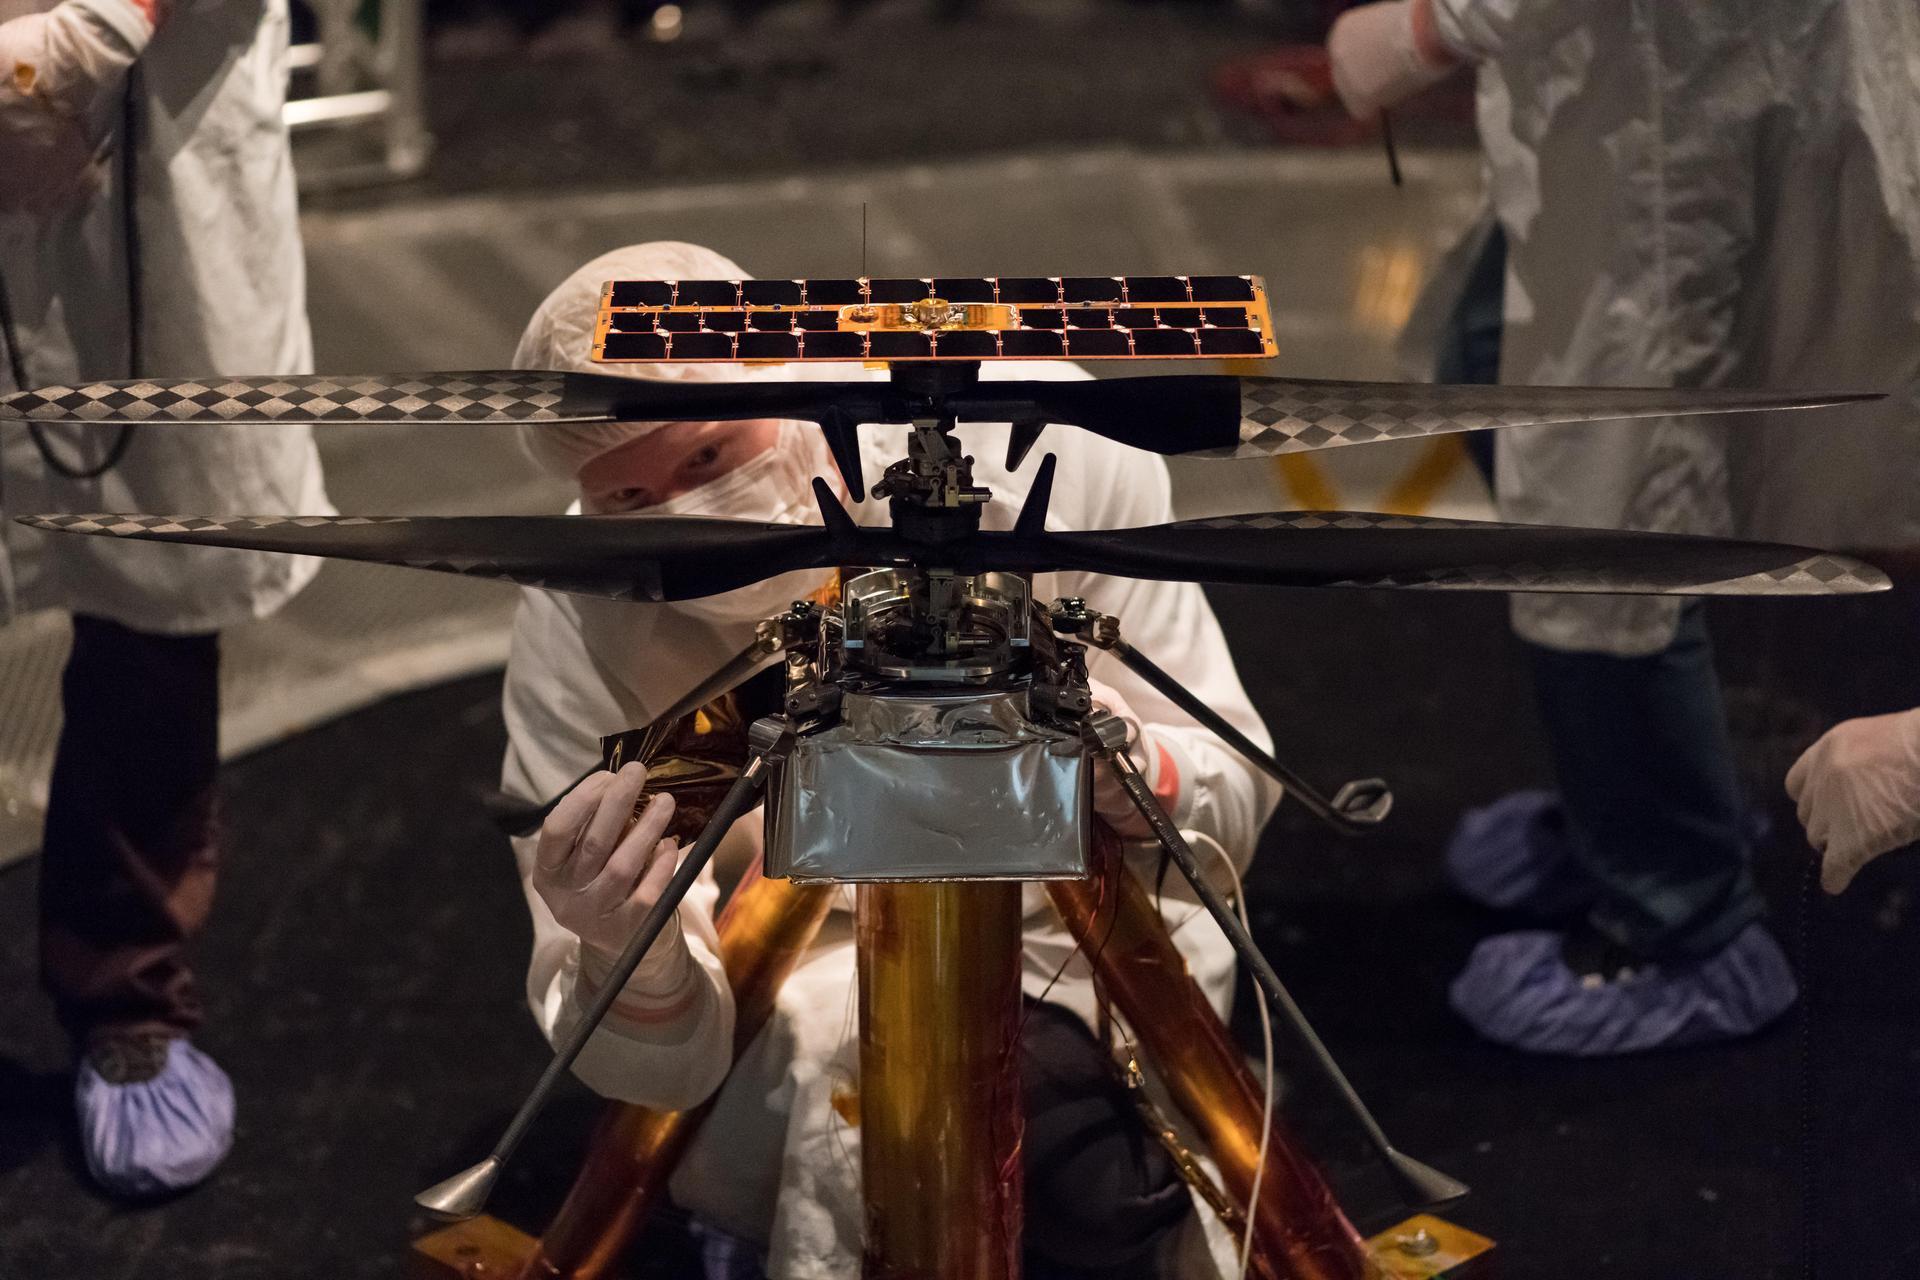 НАСА: в марсолете Ingenuity используется открытое ПО и Linux - 1